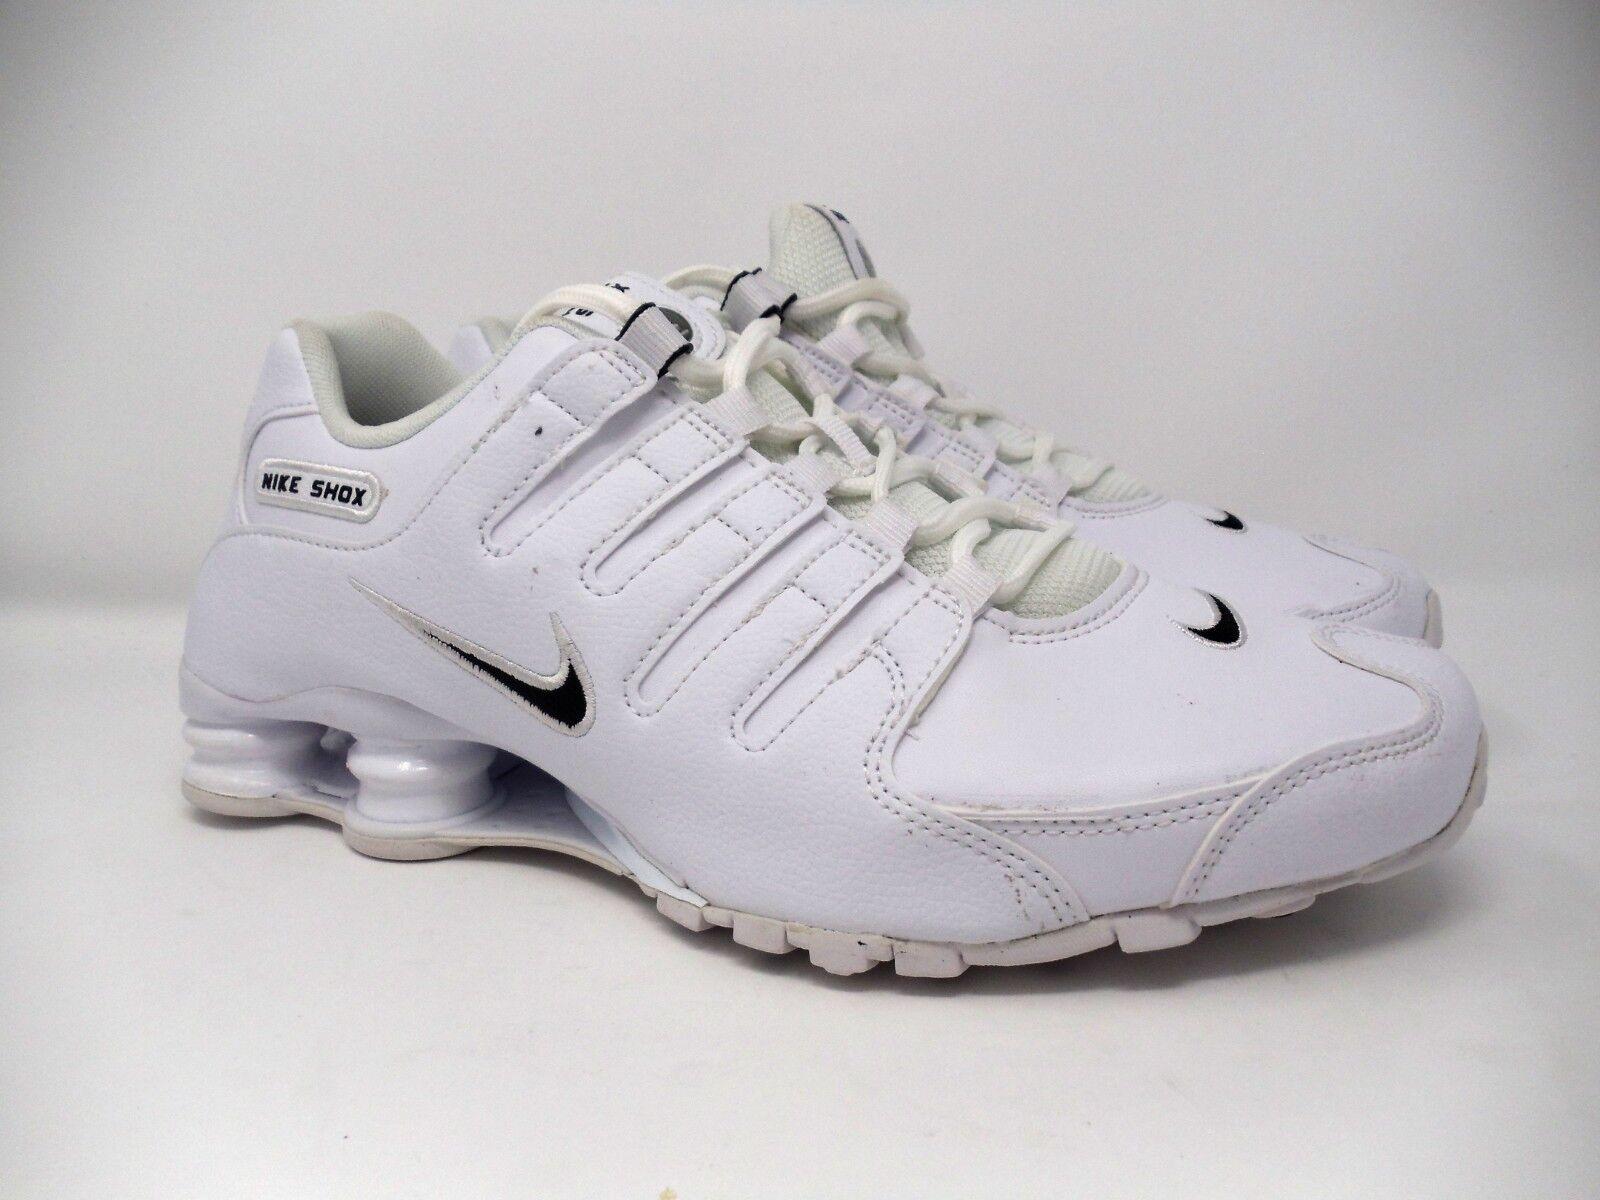 Nuova sz 9 uomini è nike shox shox shox nz ue Uomo scarpe bianco nero 501524-106 04920a